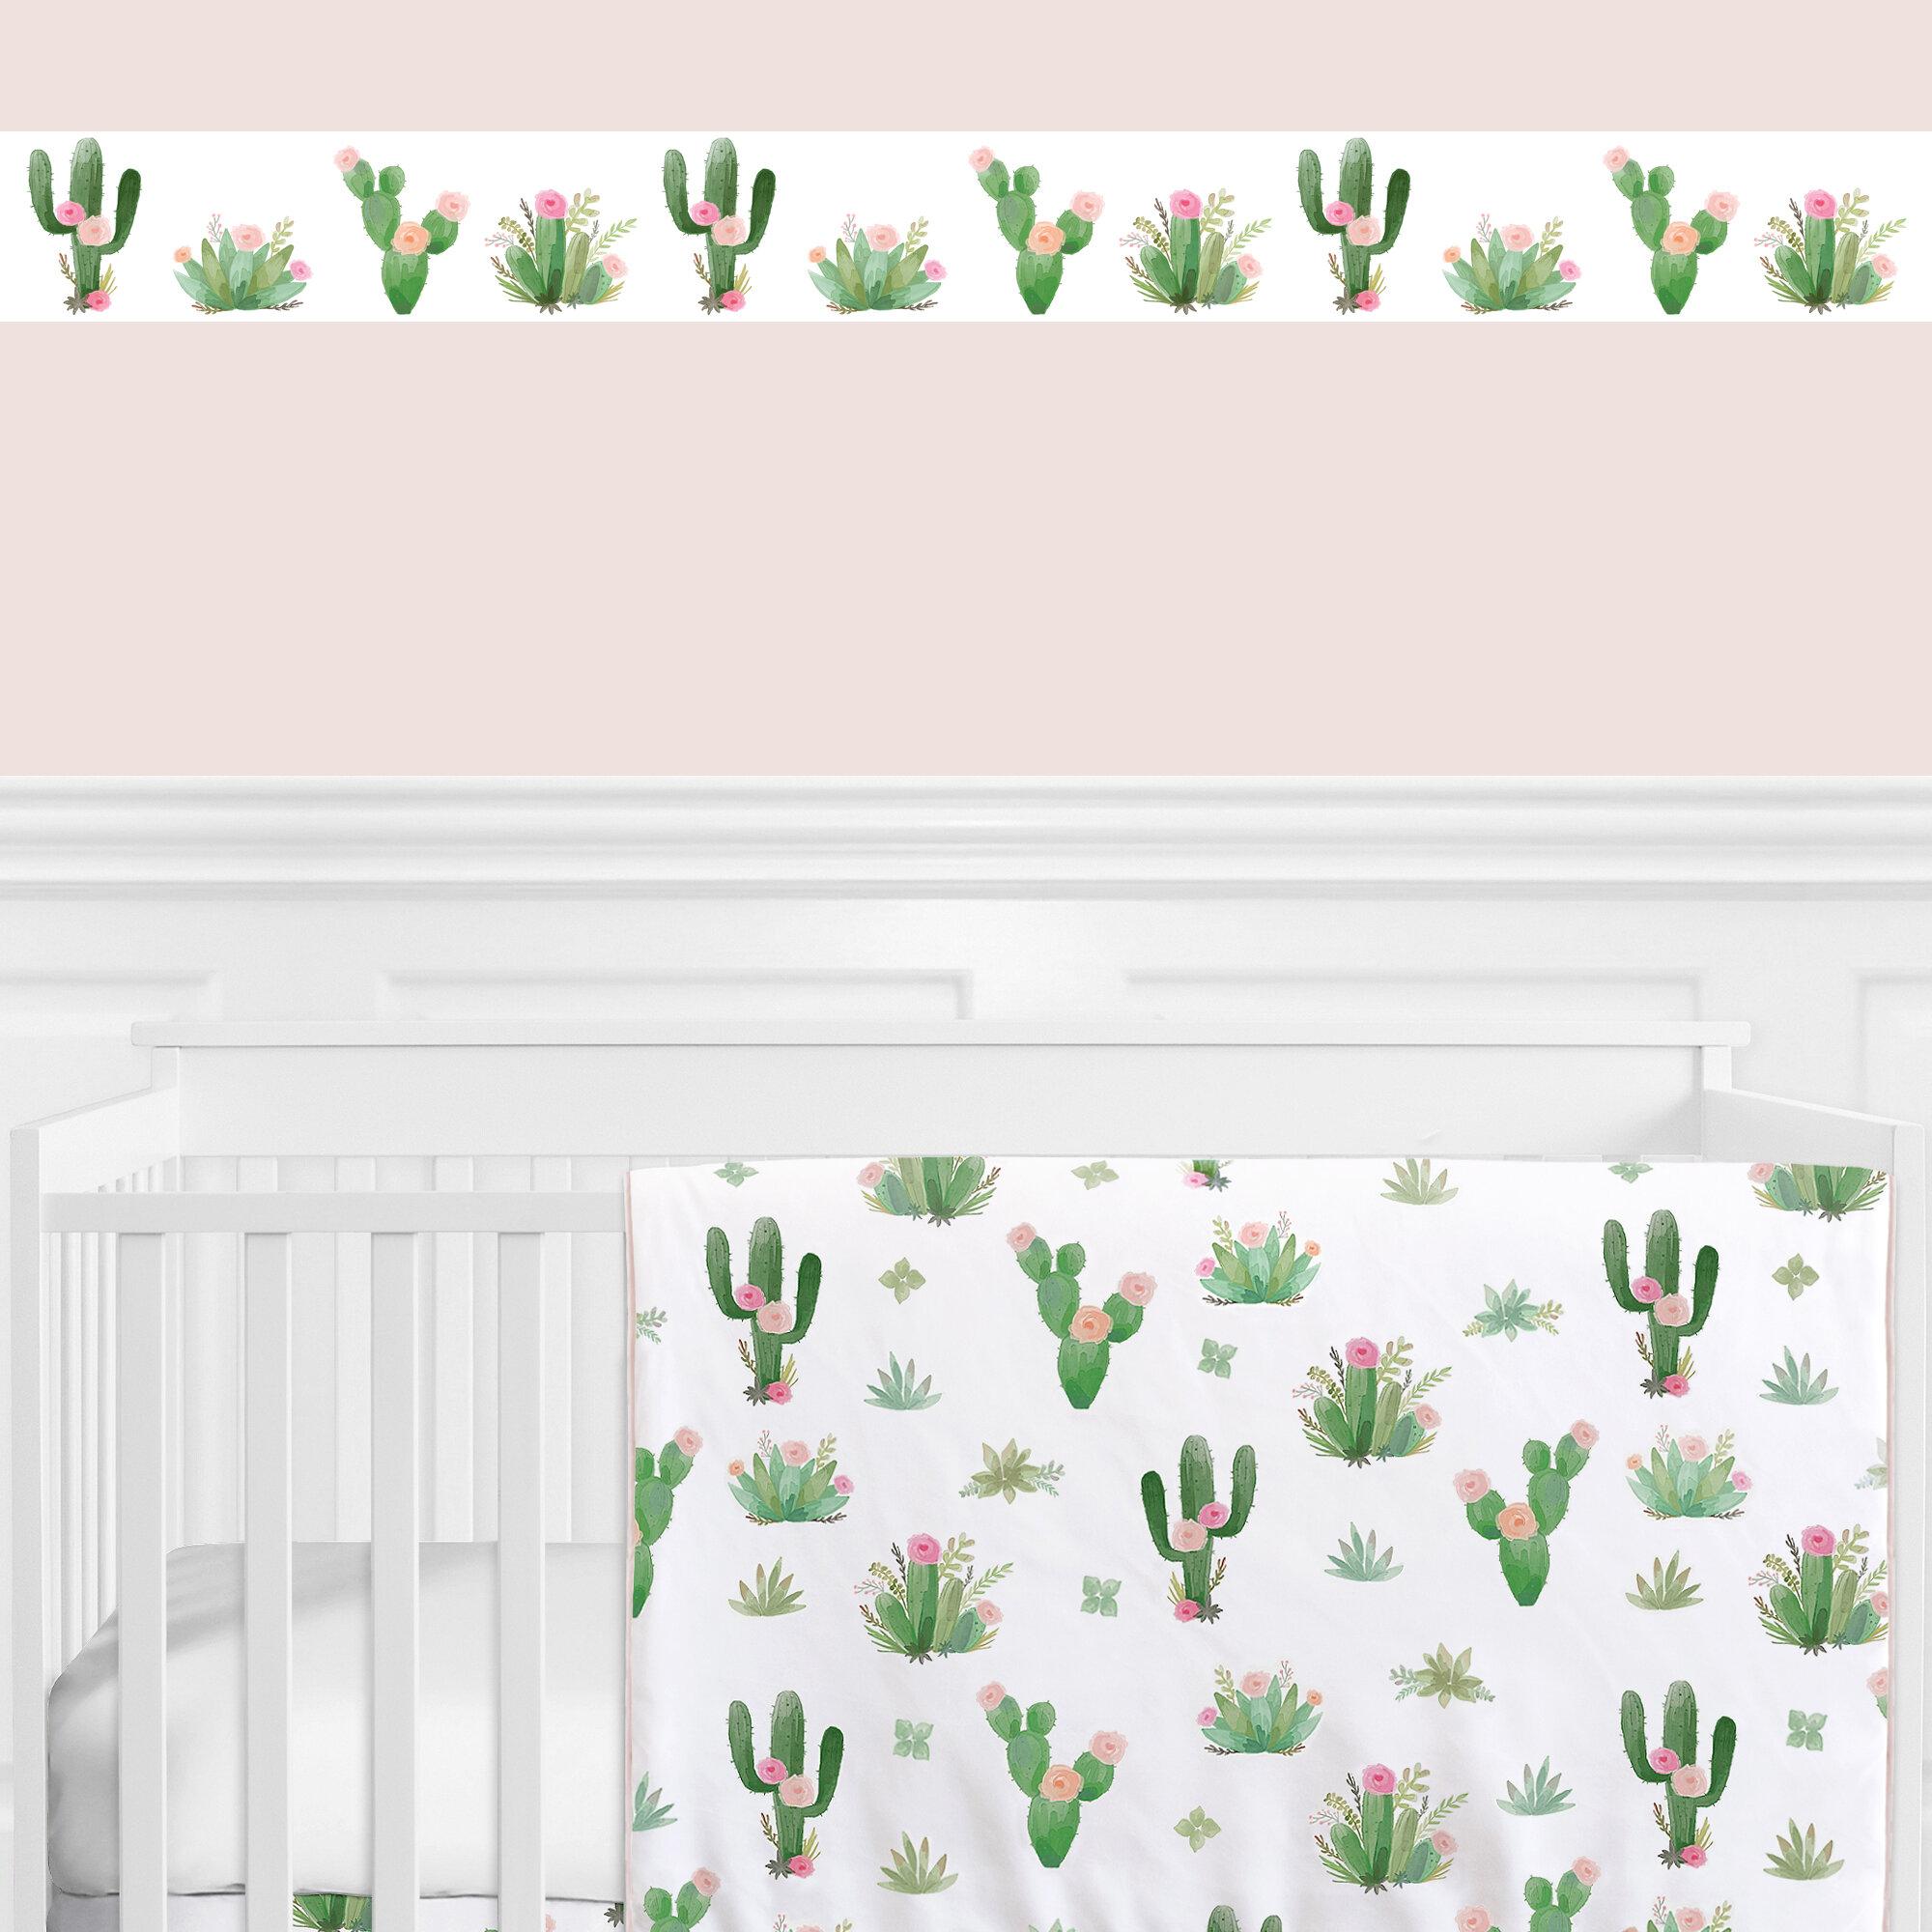 Cactus Floral 15\' L x 6\